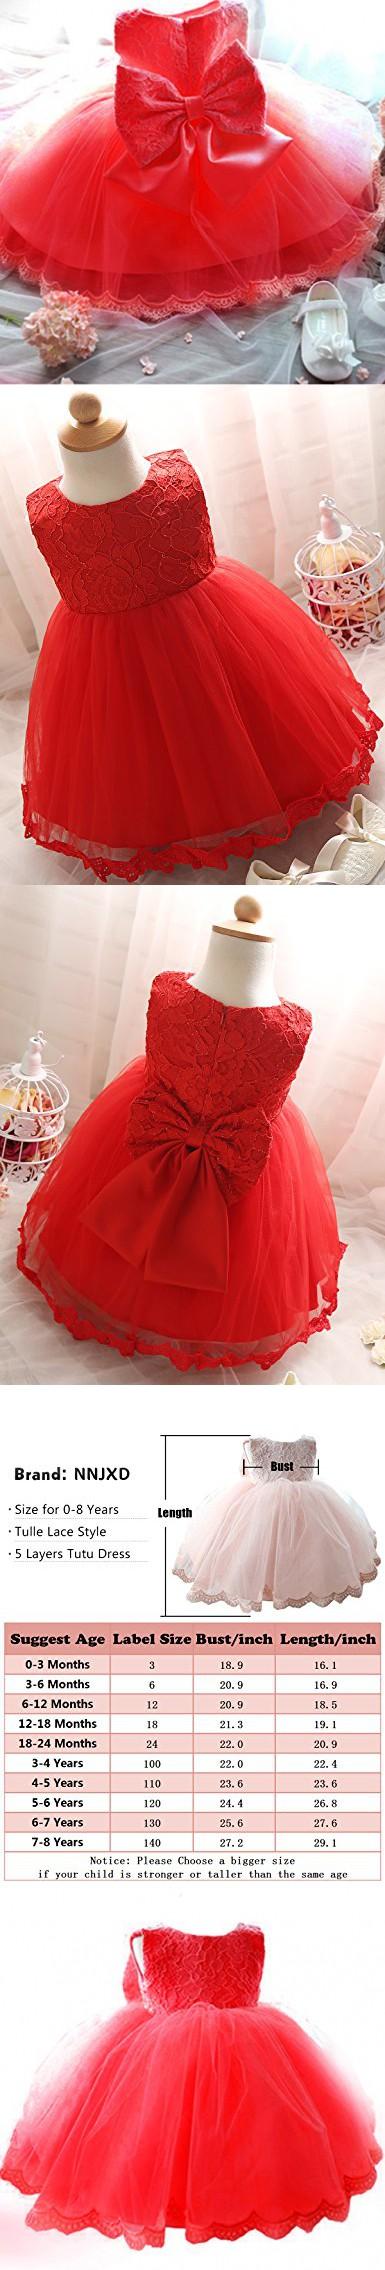 51154e088e75 NNJXD Girls  Tulle Flower Princess Wedding Dress For Toddler and ...